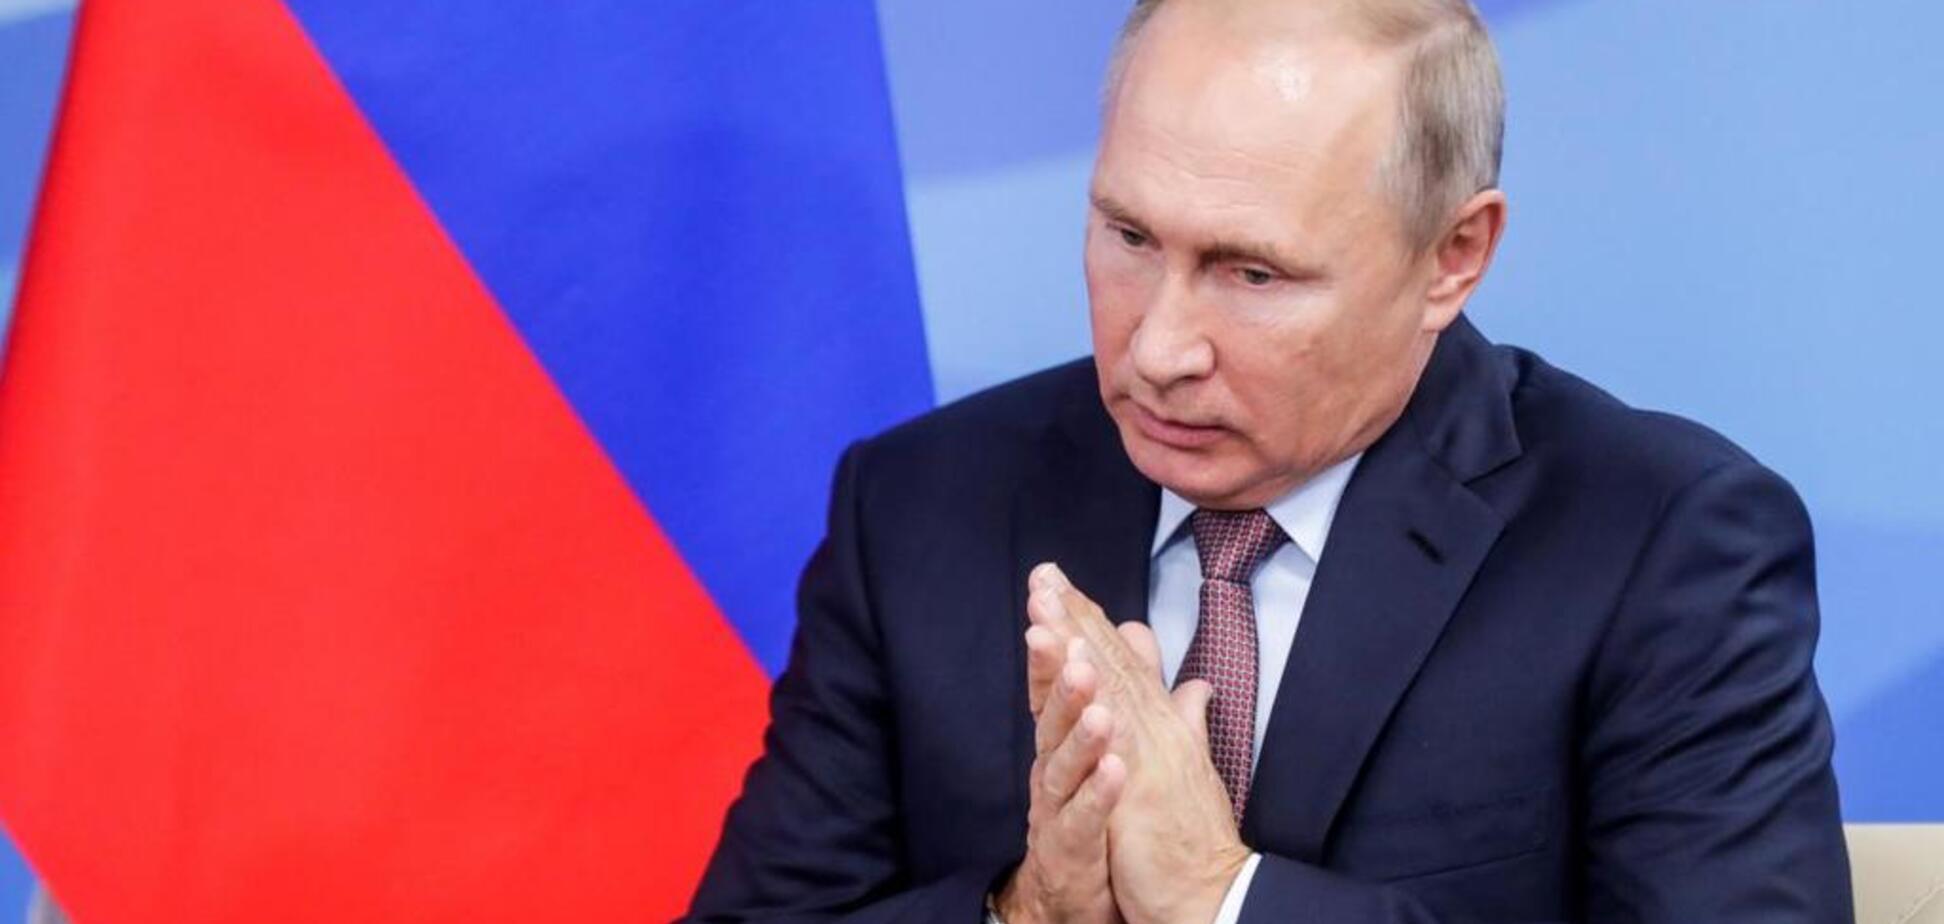 Путін планує захопити Європу — Фельштинський